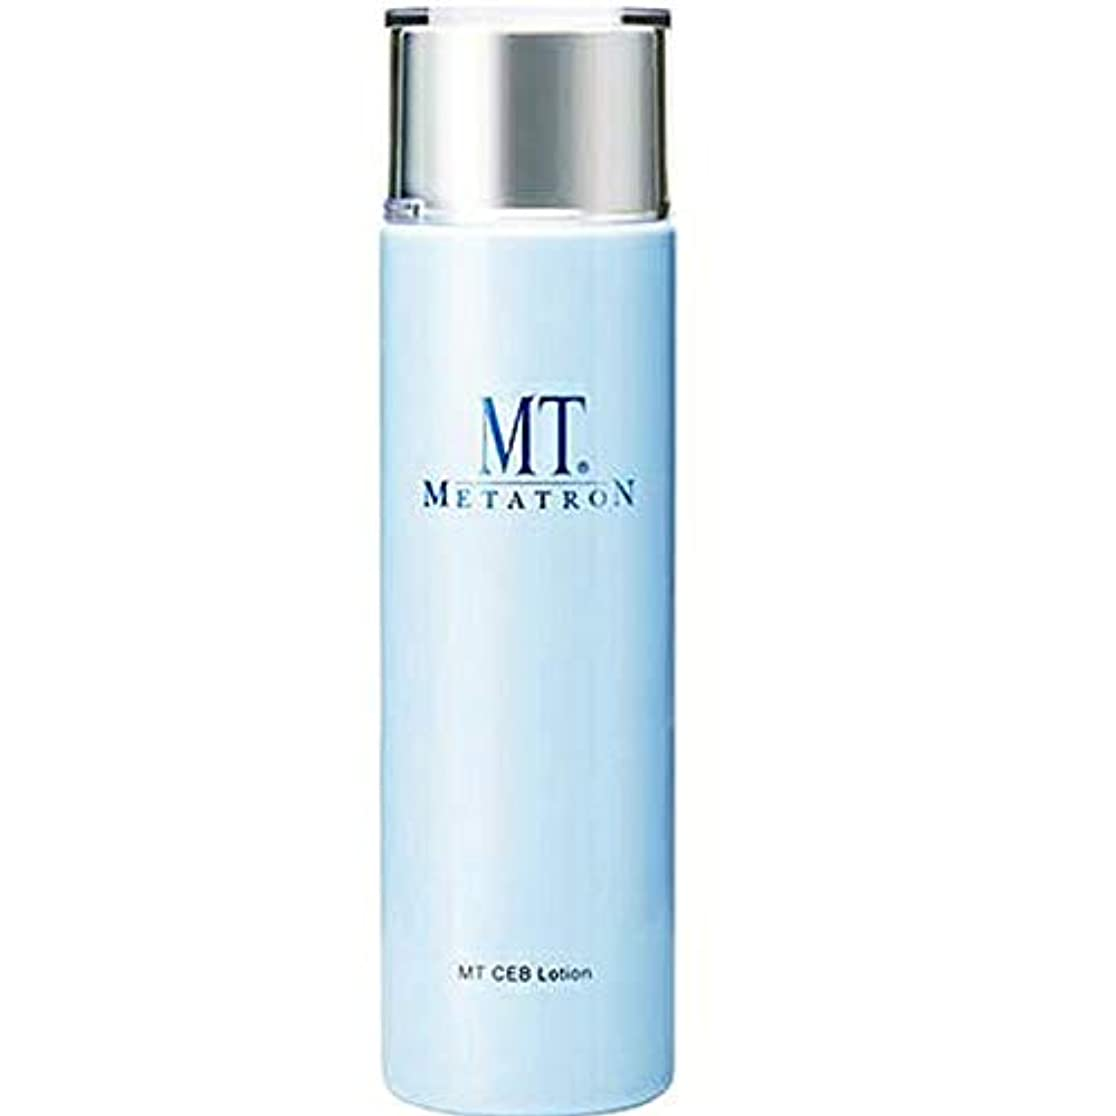 インデックス間接的退屈MTメタトロン MT CEB ローション 150mL 化粧水